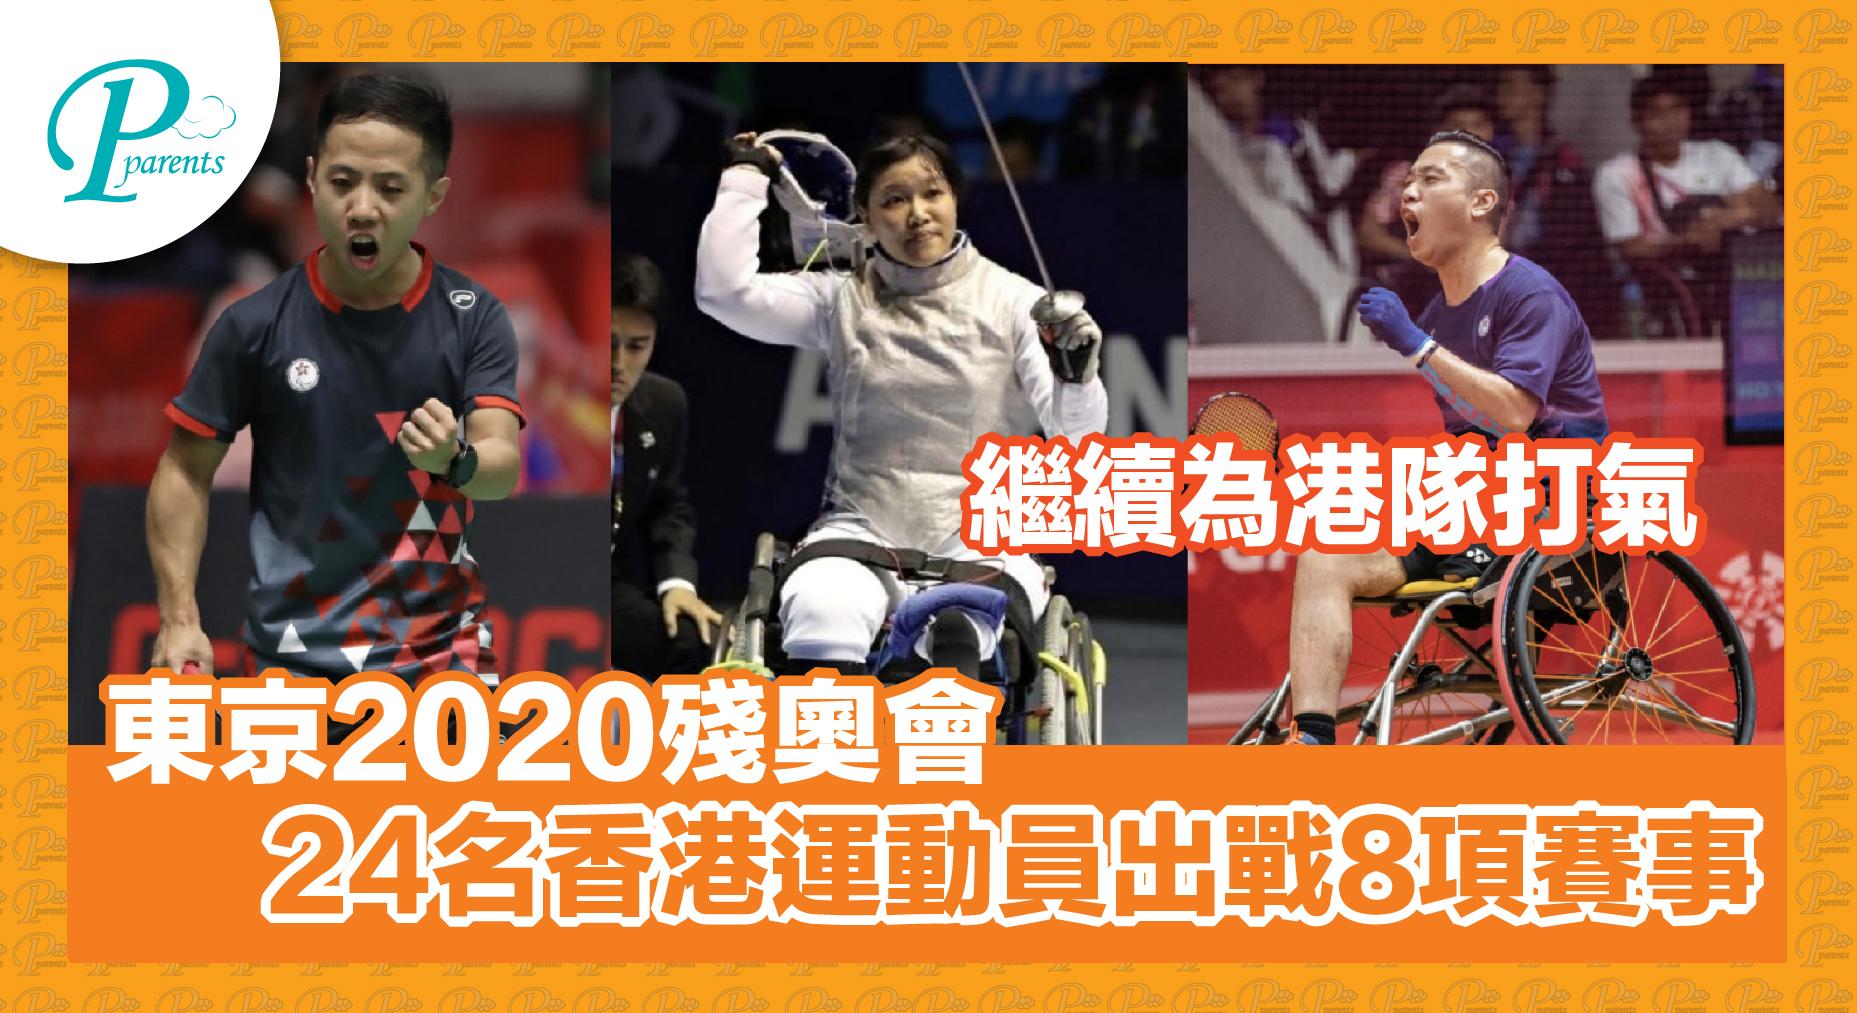 東京2020殘奧會  繼續為港隊打氣